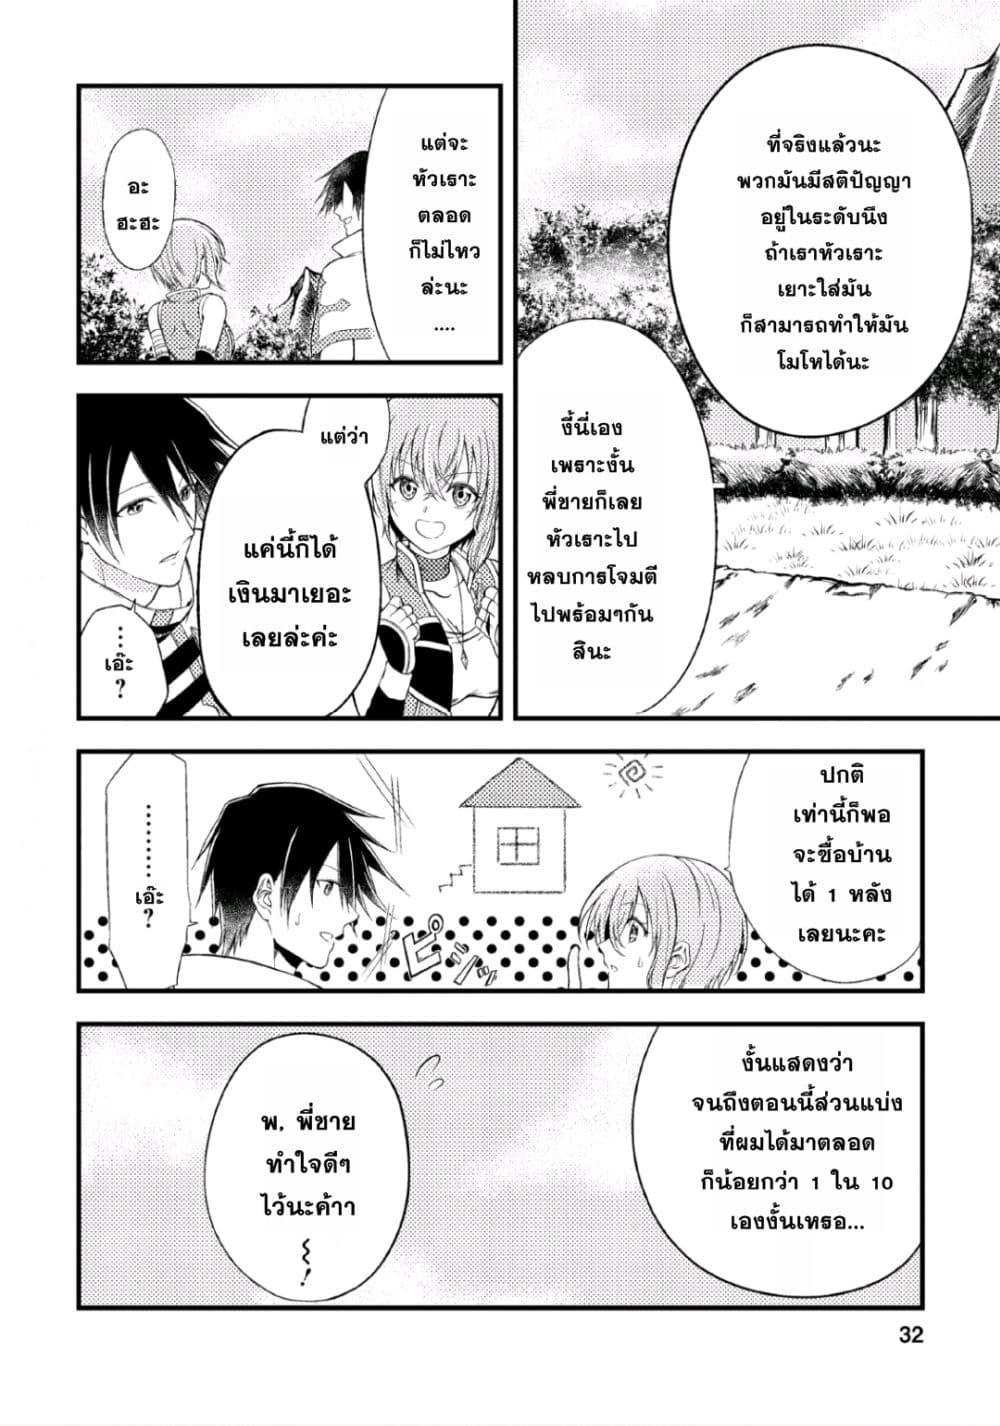 อ่านการ์ตูน Party kara Tsuihou Sareta Sono Chiyushi Jitsuha Saikyou Nitsuki ตอนที่ 1 หน้าที่ 30